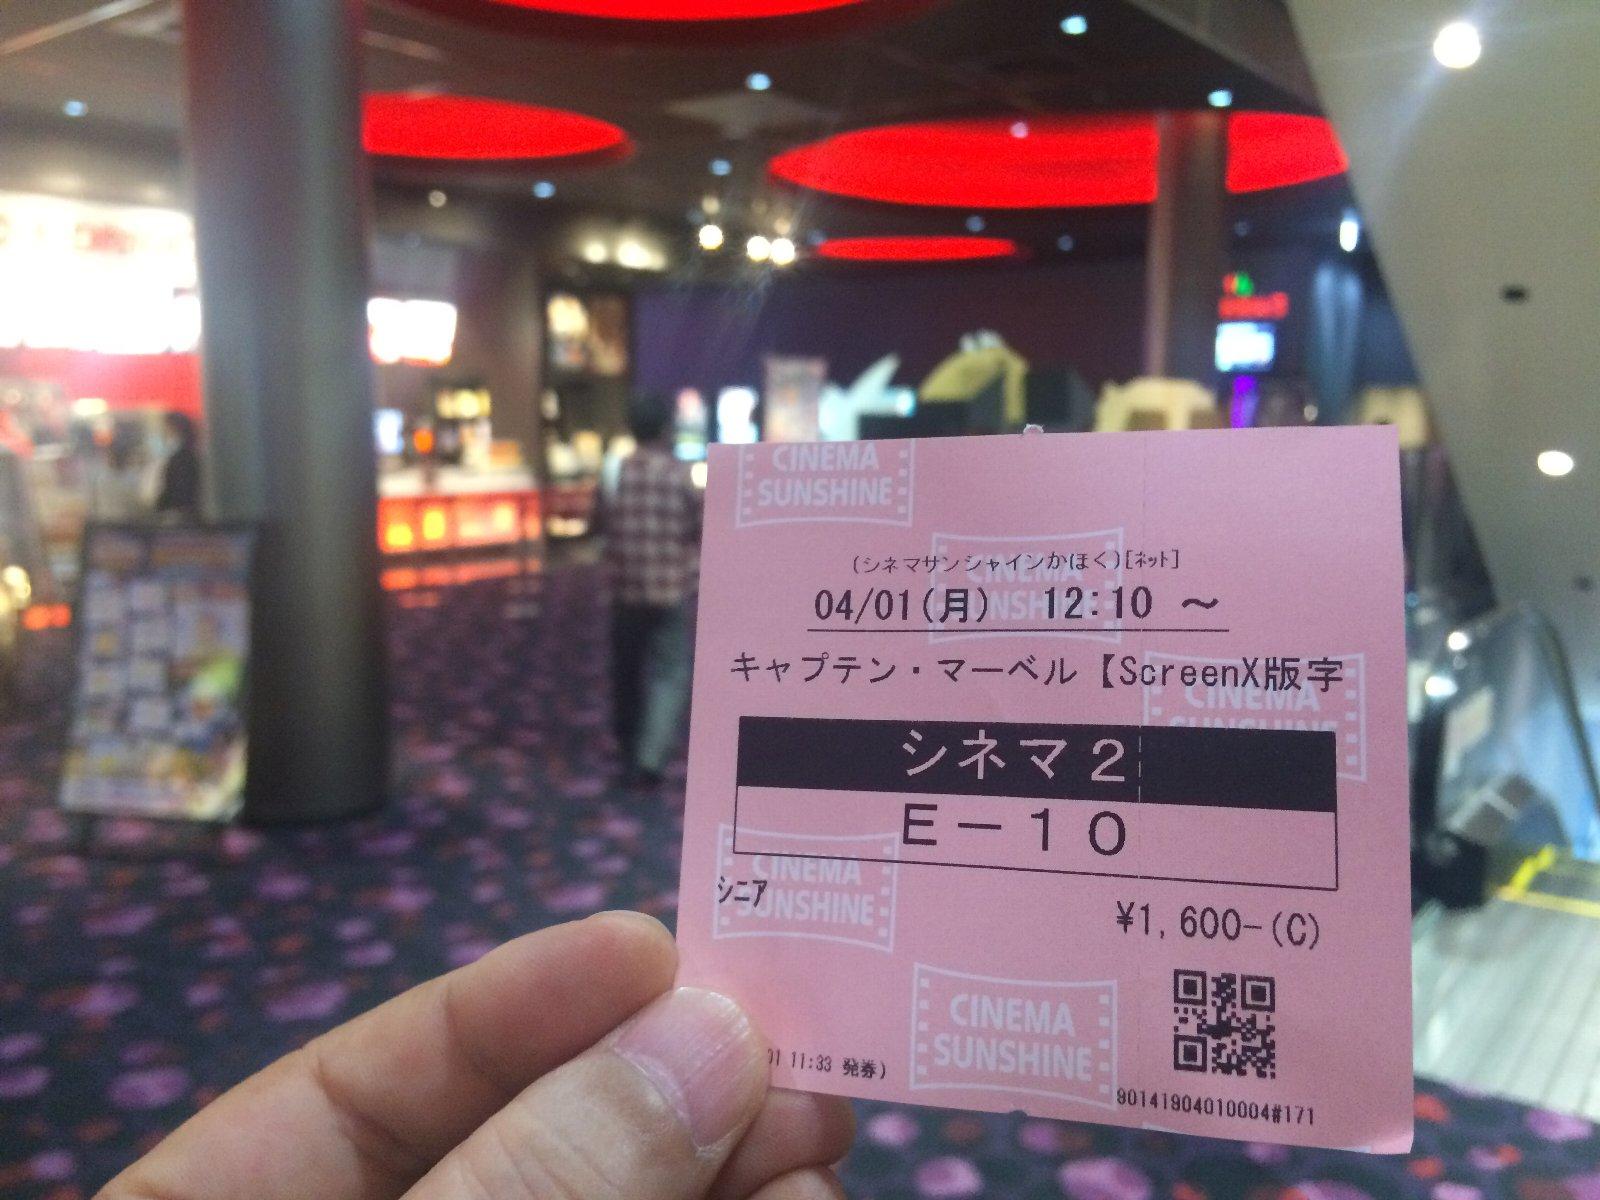 20190401 チケット